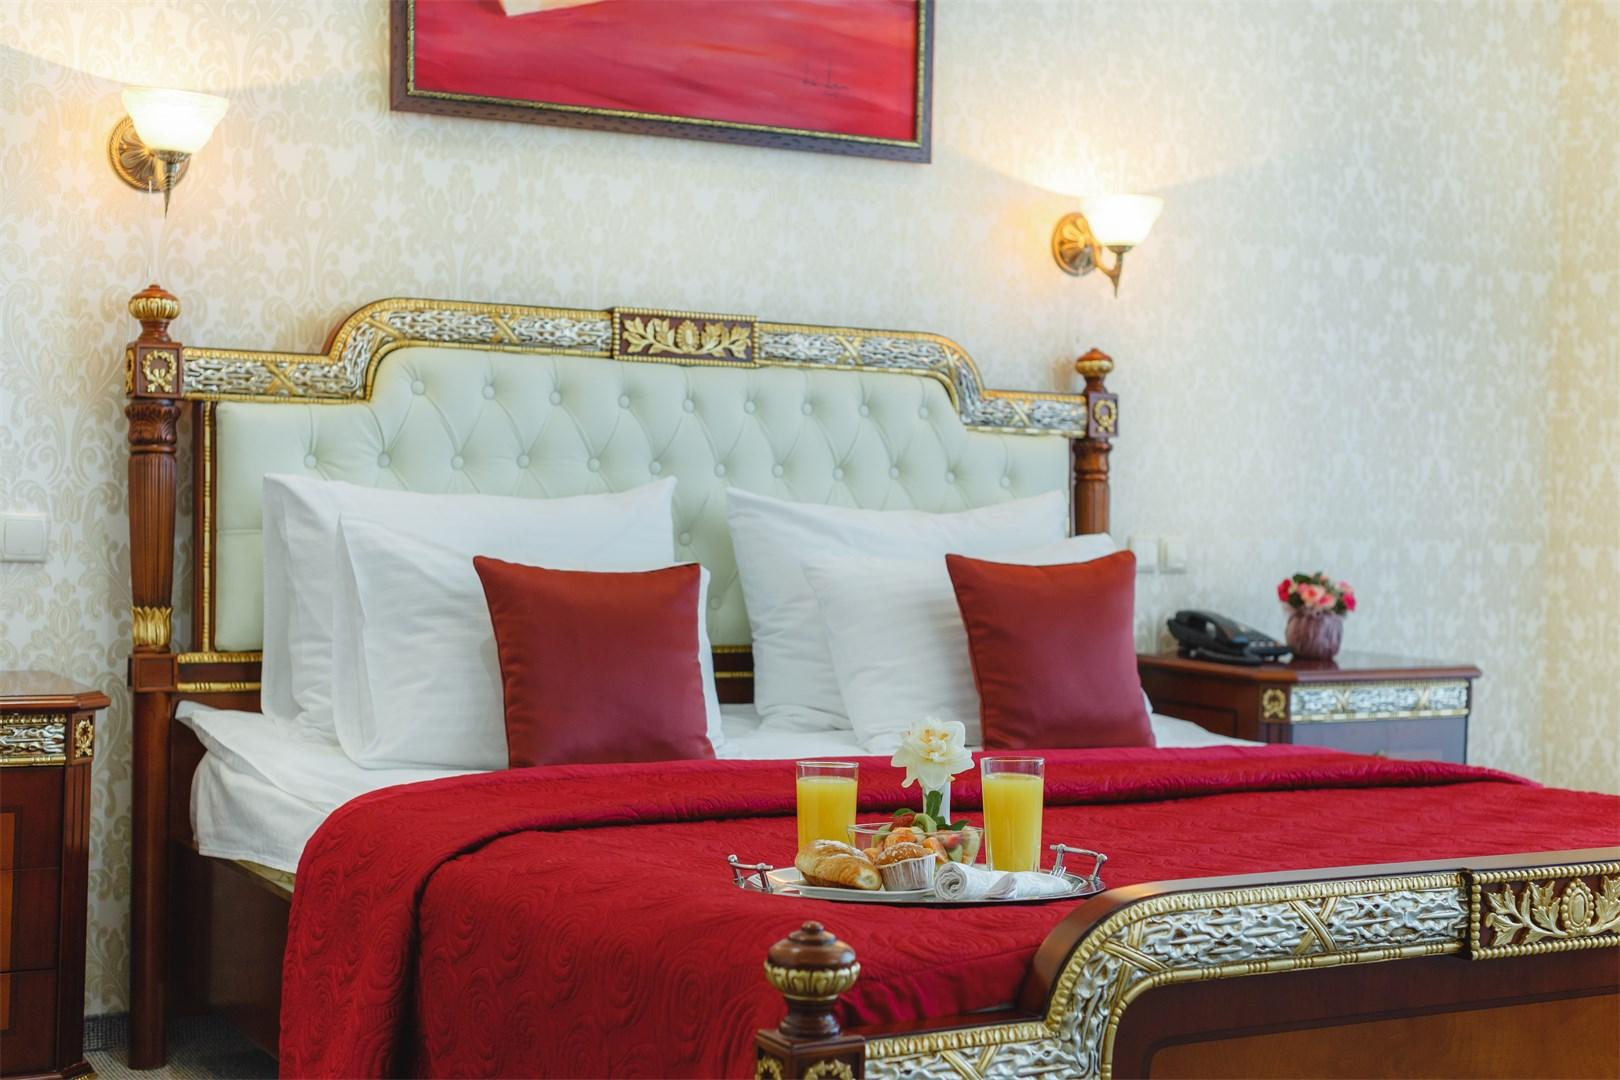 Гостиница ТЭС-Отель.